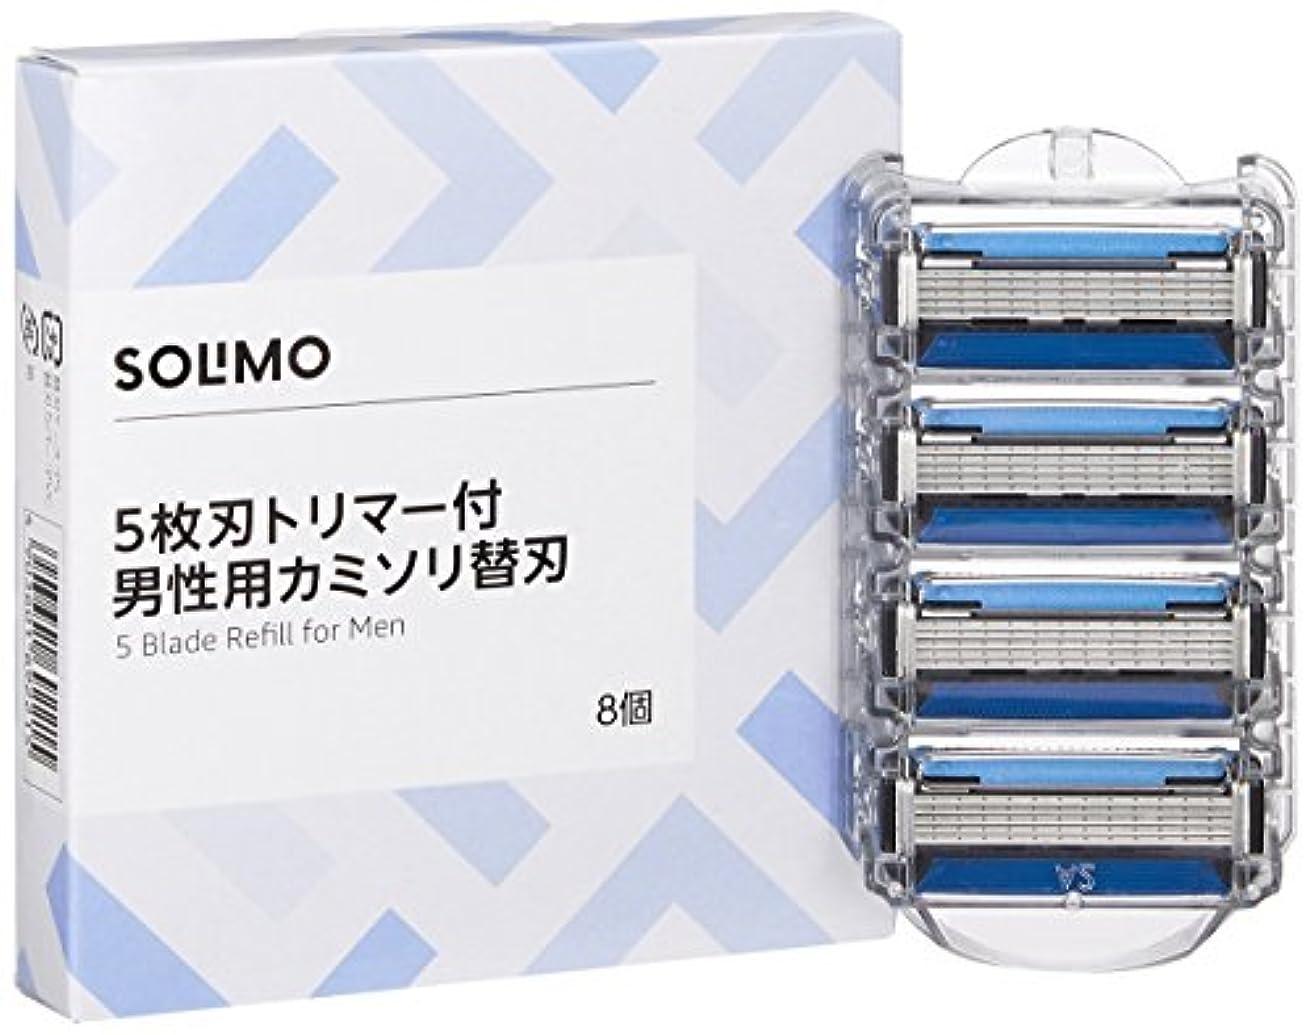 スプレーナット排除[Amazonブランド]SOLIMO 5枚刃 トリマー付 男性用 カミソリ替刃8個